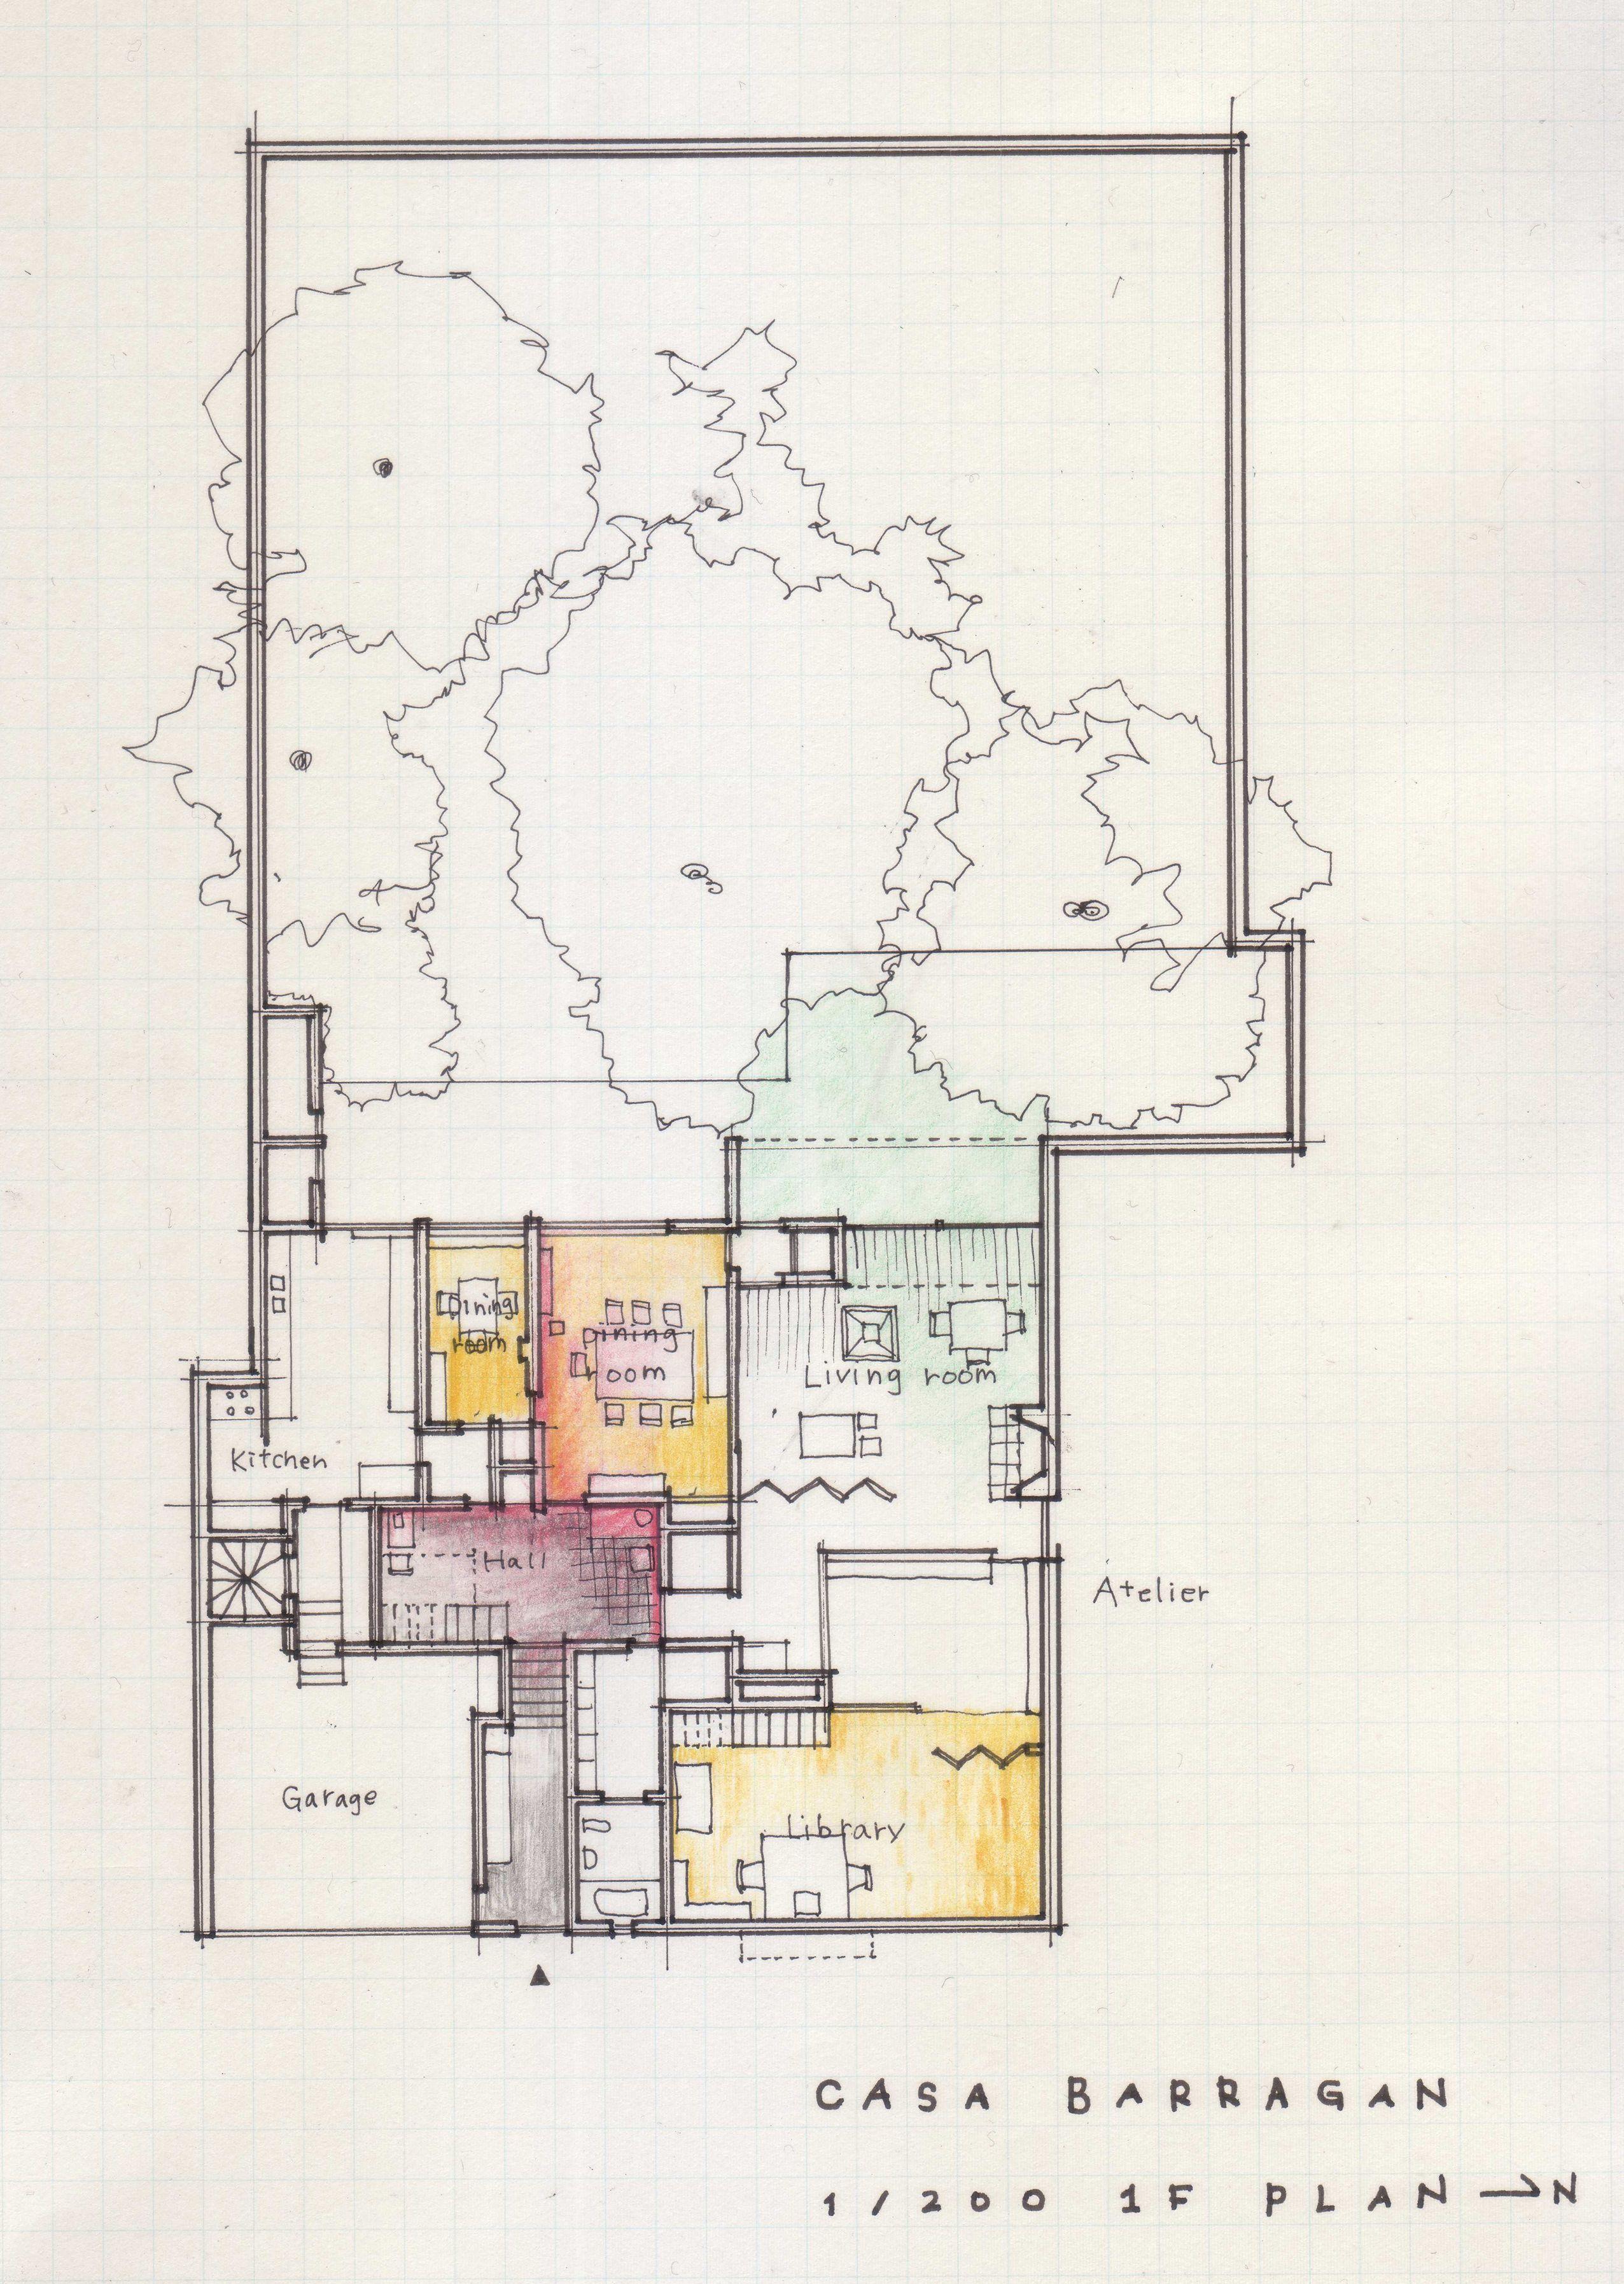 Casa Barragan Plan